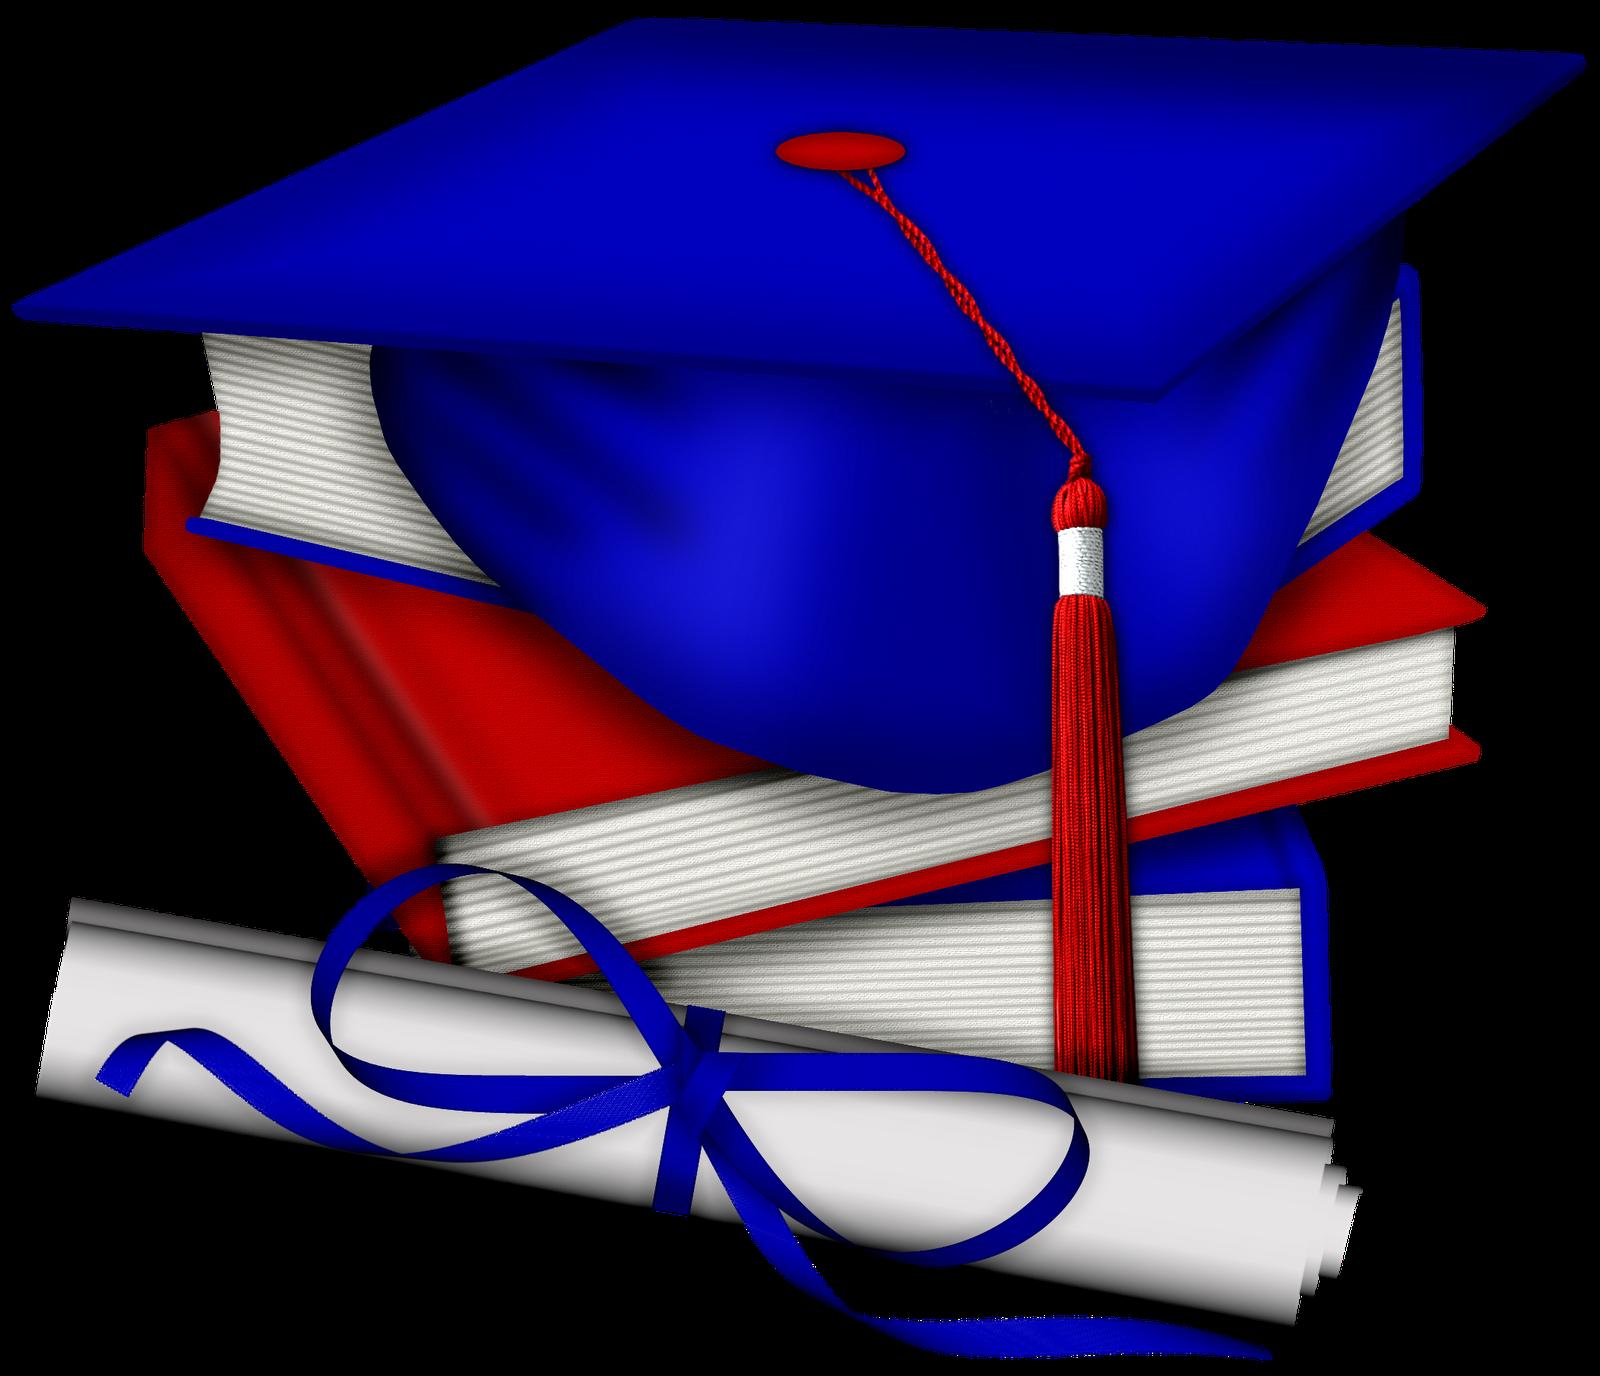 Graduation Clip Art Background - ClipArt Best